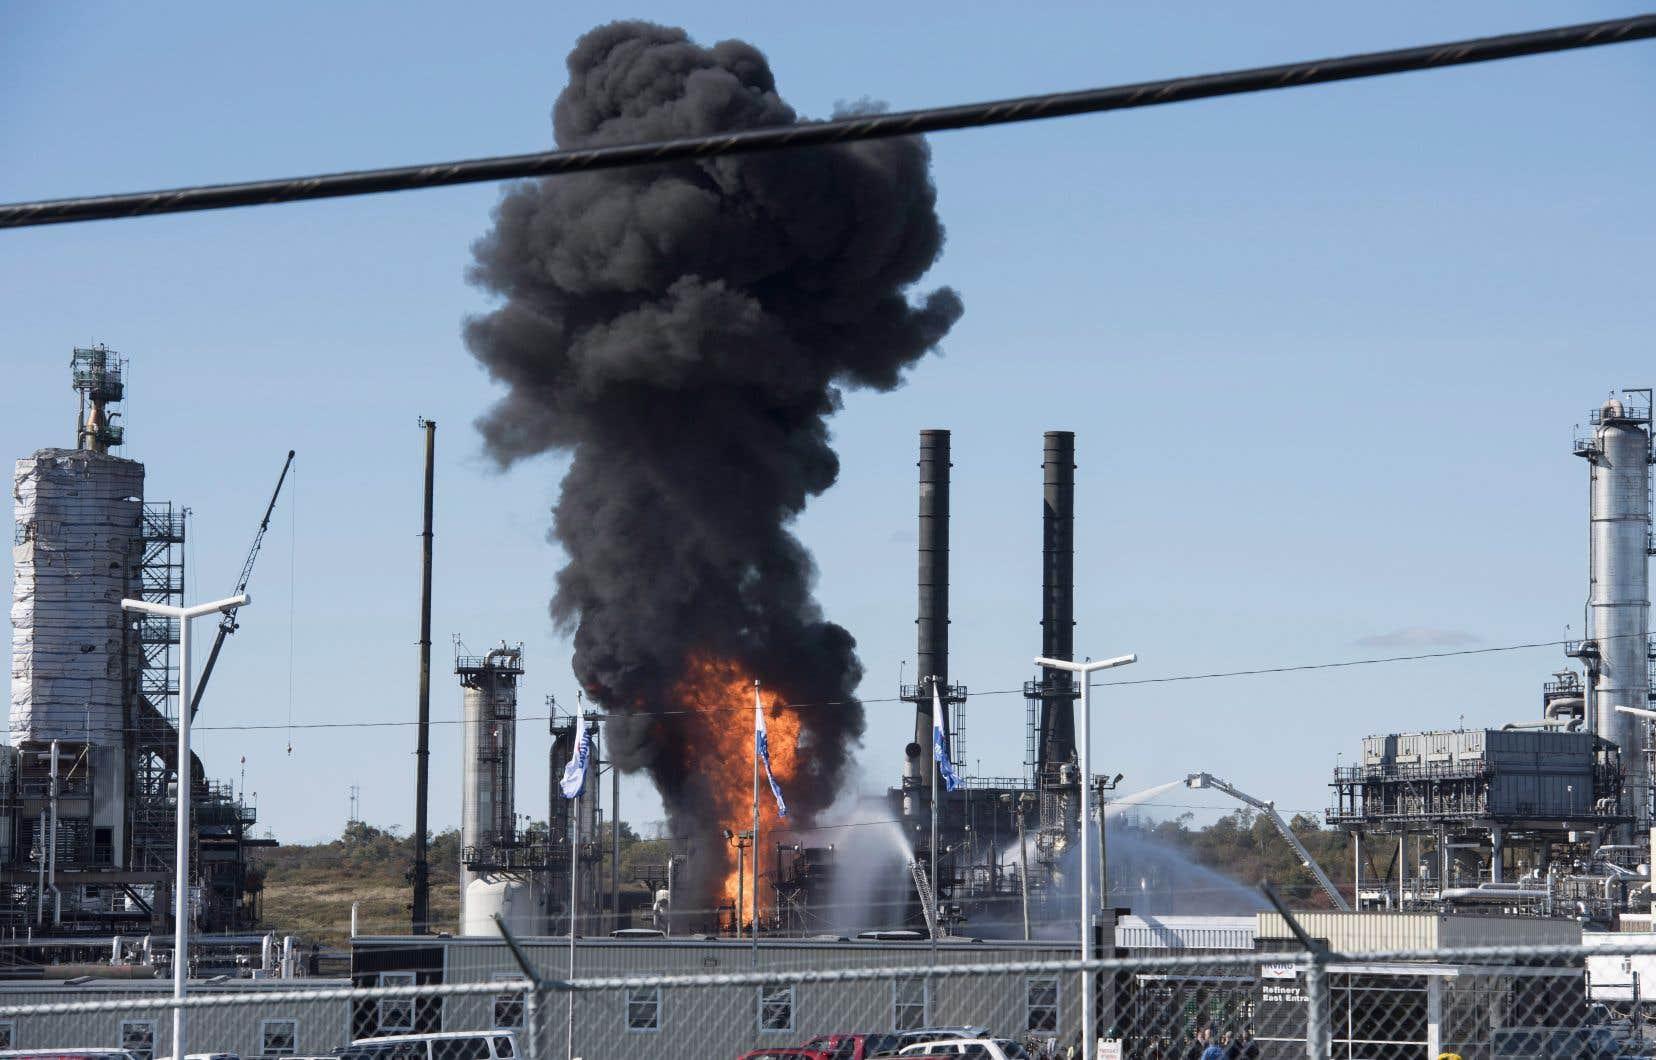 Lundi, la raffinerie comptait quelque 3000 travailleurs, mais la plupart des installations étaient fermées pour d'importants travaux d'entretien.